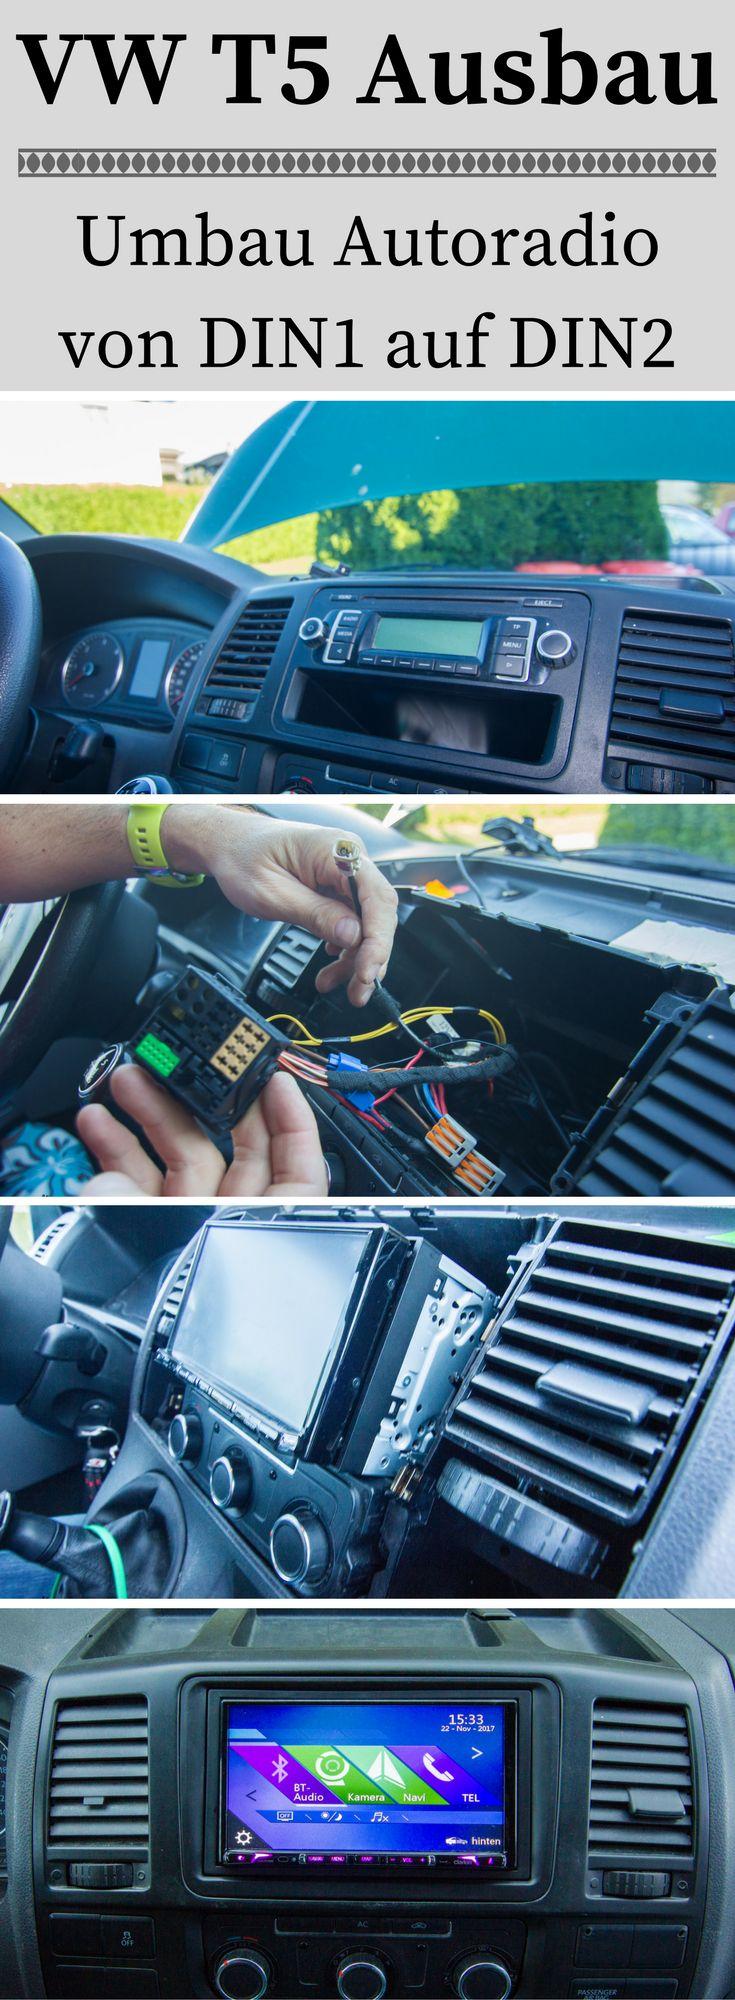 Hier findest du eine Schritt für Schritt Anleitung wie du in deinem VW T5 Transporter einen DIN2 Autoradio einbaust.